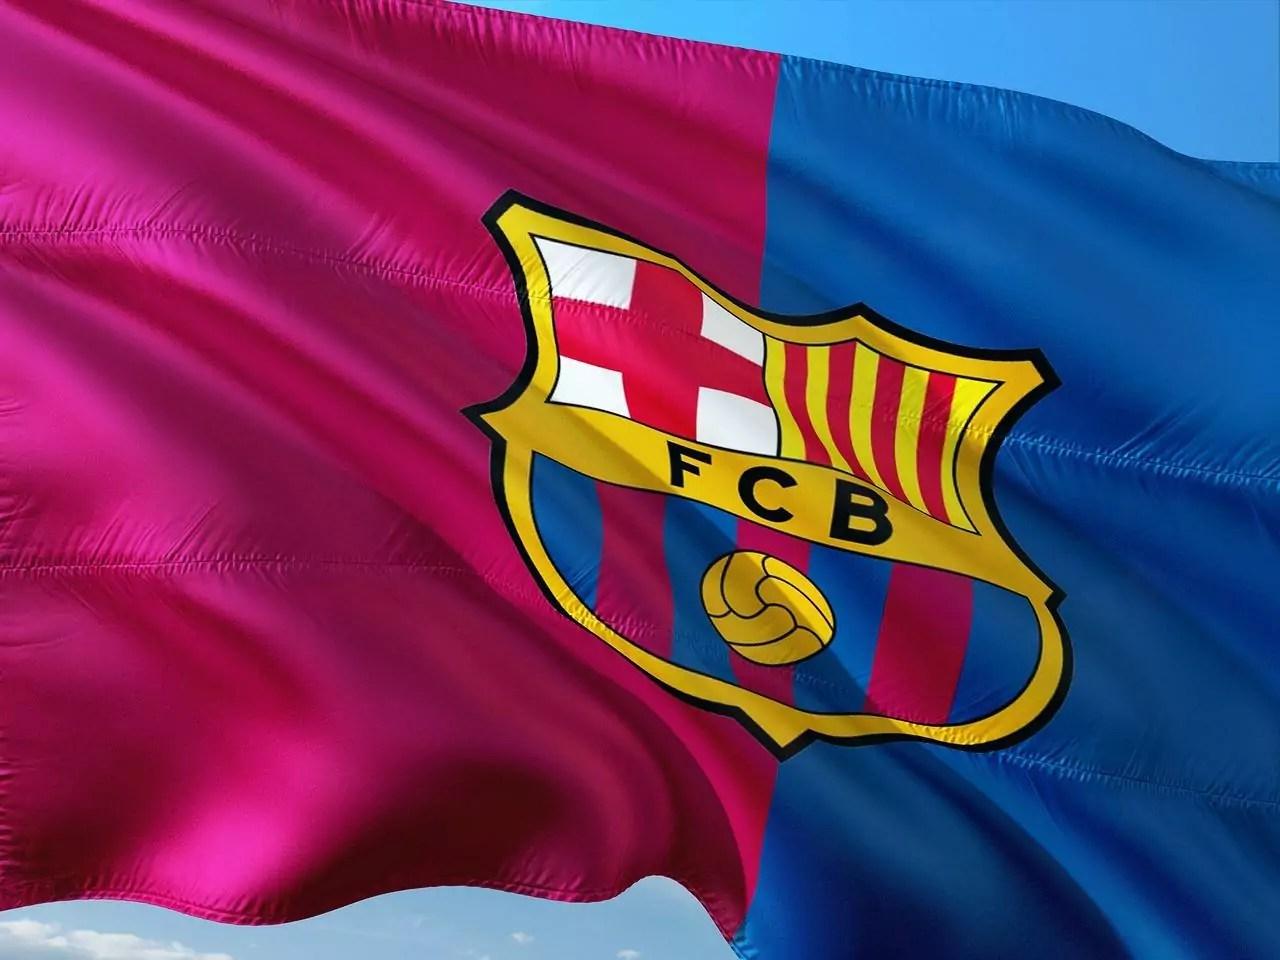 Imagem mostra a bandeira do Barcelona